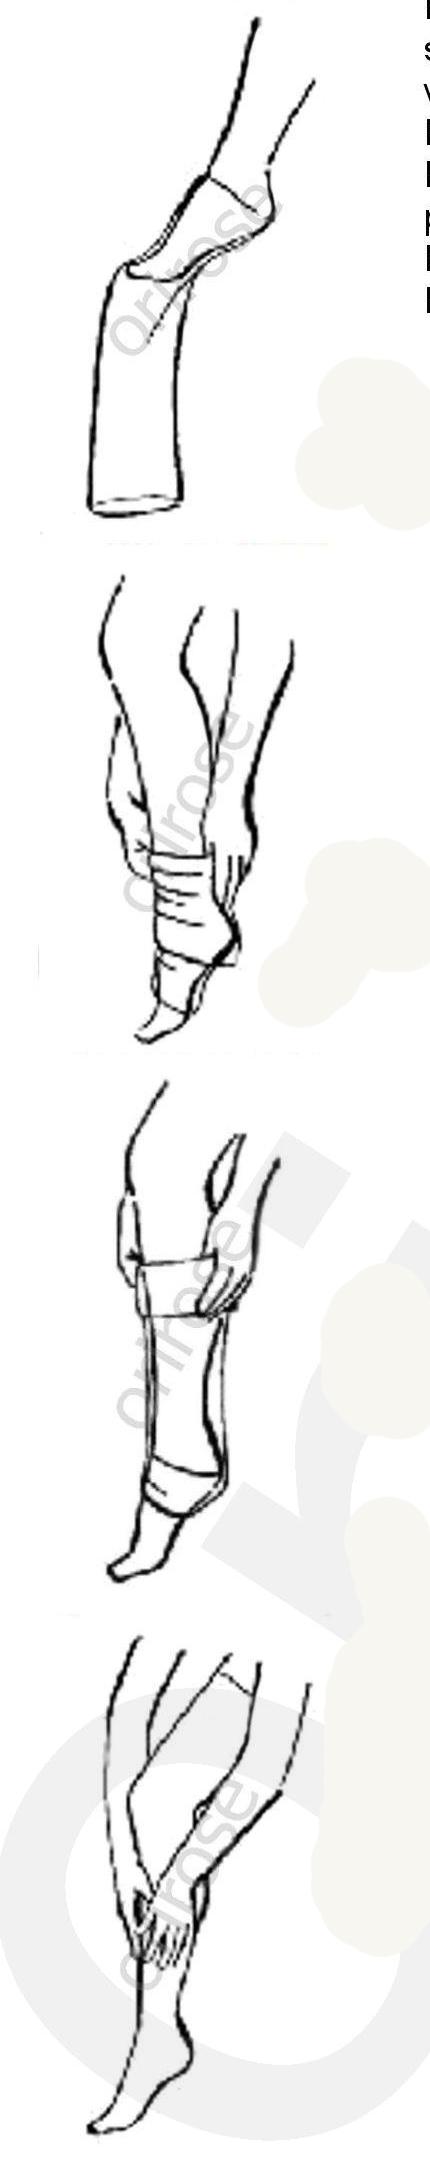 Orirose 0060 Damen Strumpfhose Shapewear Stützfunktion M -XXL Nougat